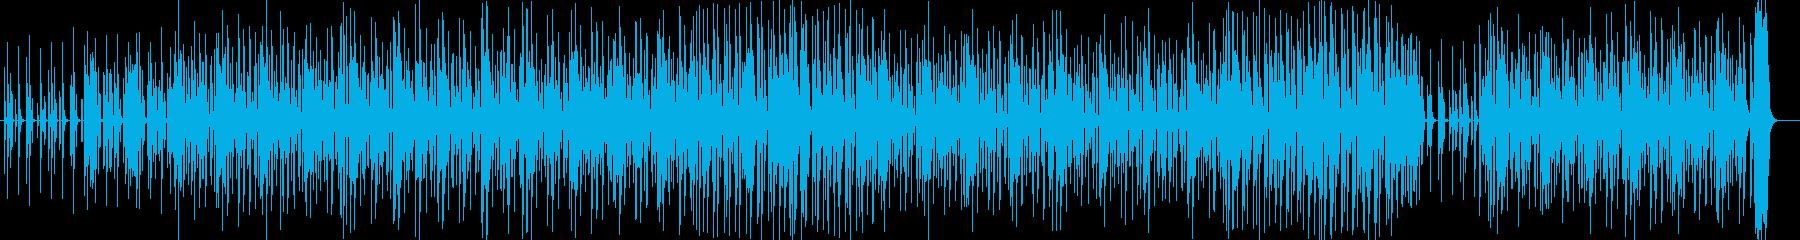 キラキラした音とベースが効いたロックの曲の再生済みの波形